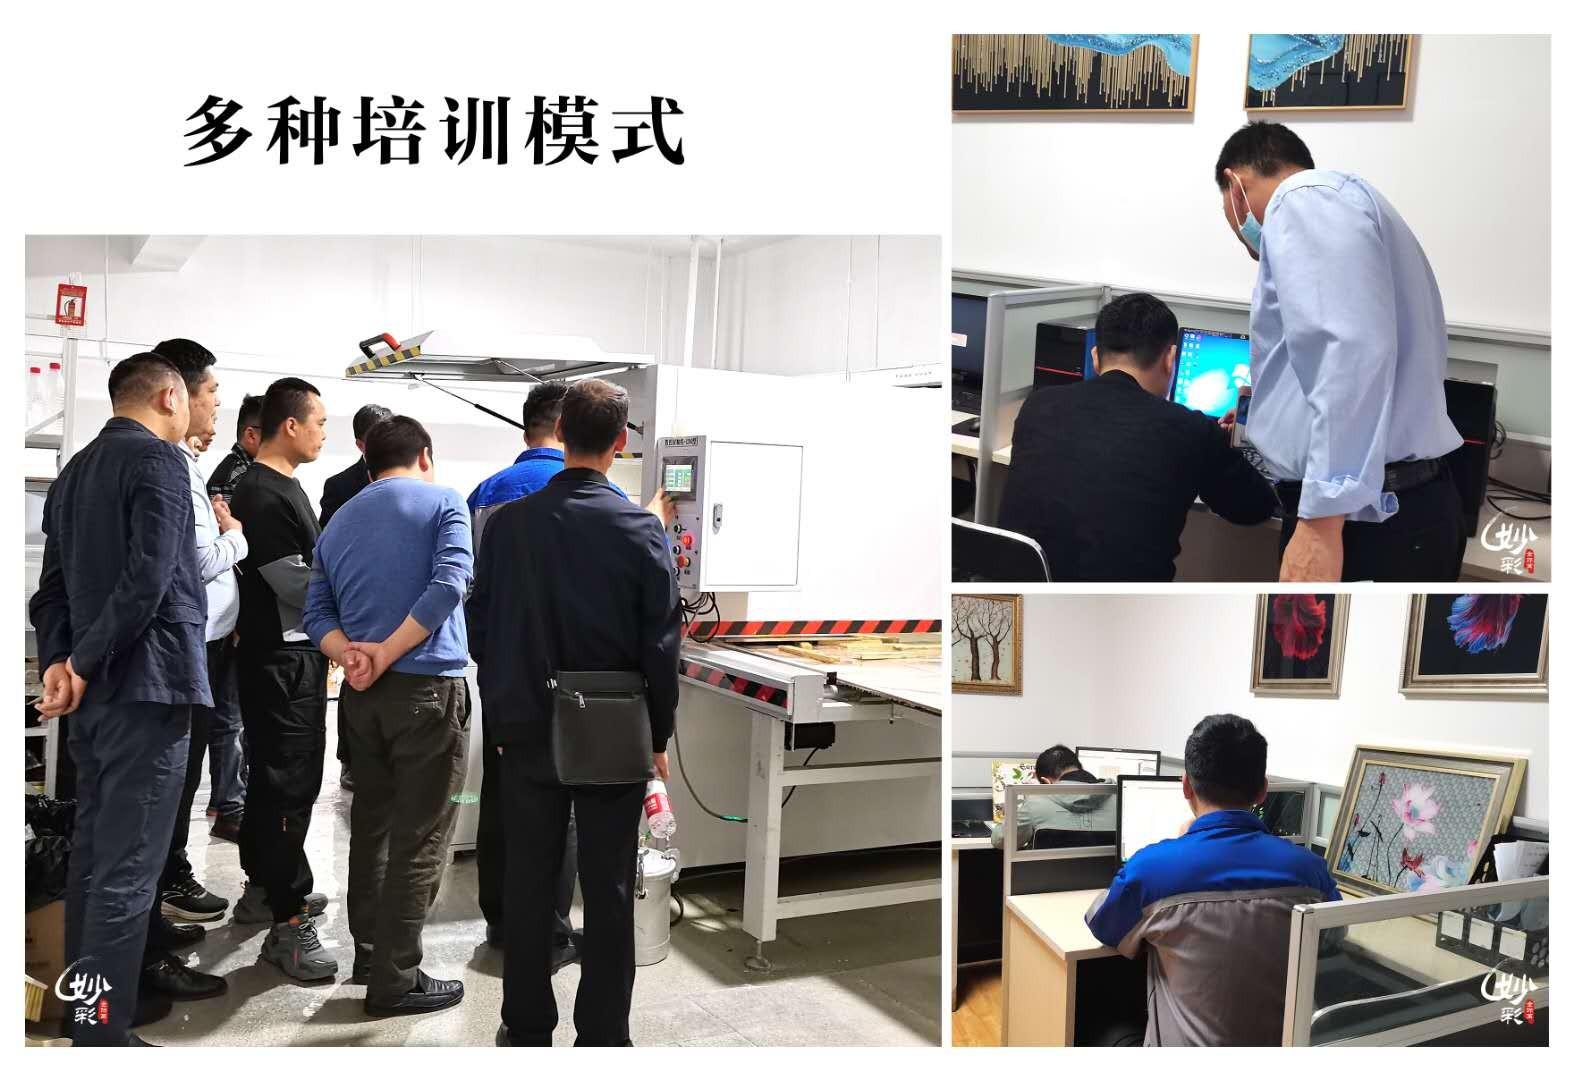 贺州妙彩晶瓷画设备晶瓷固化机咨询